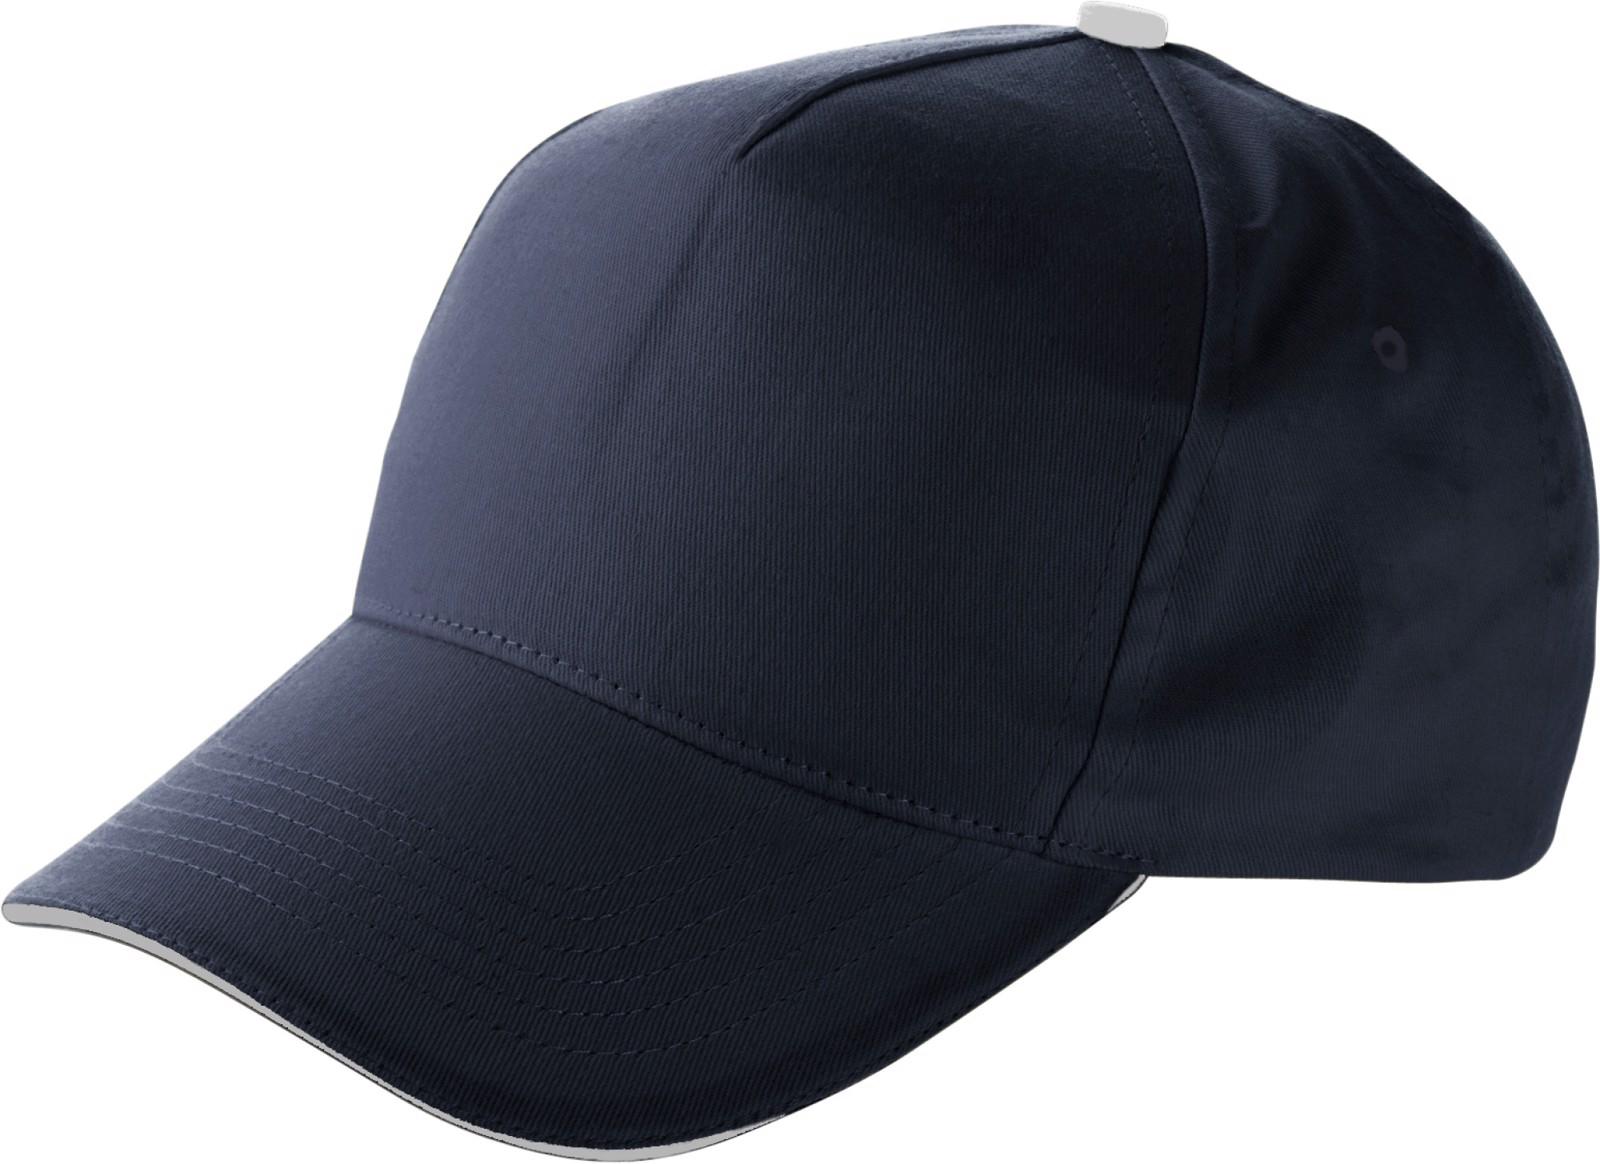 Cotton cap - Blue